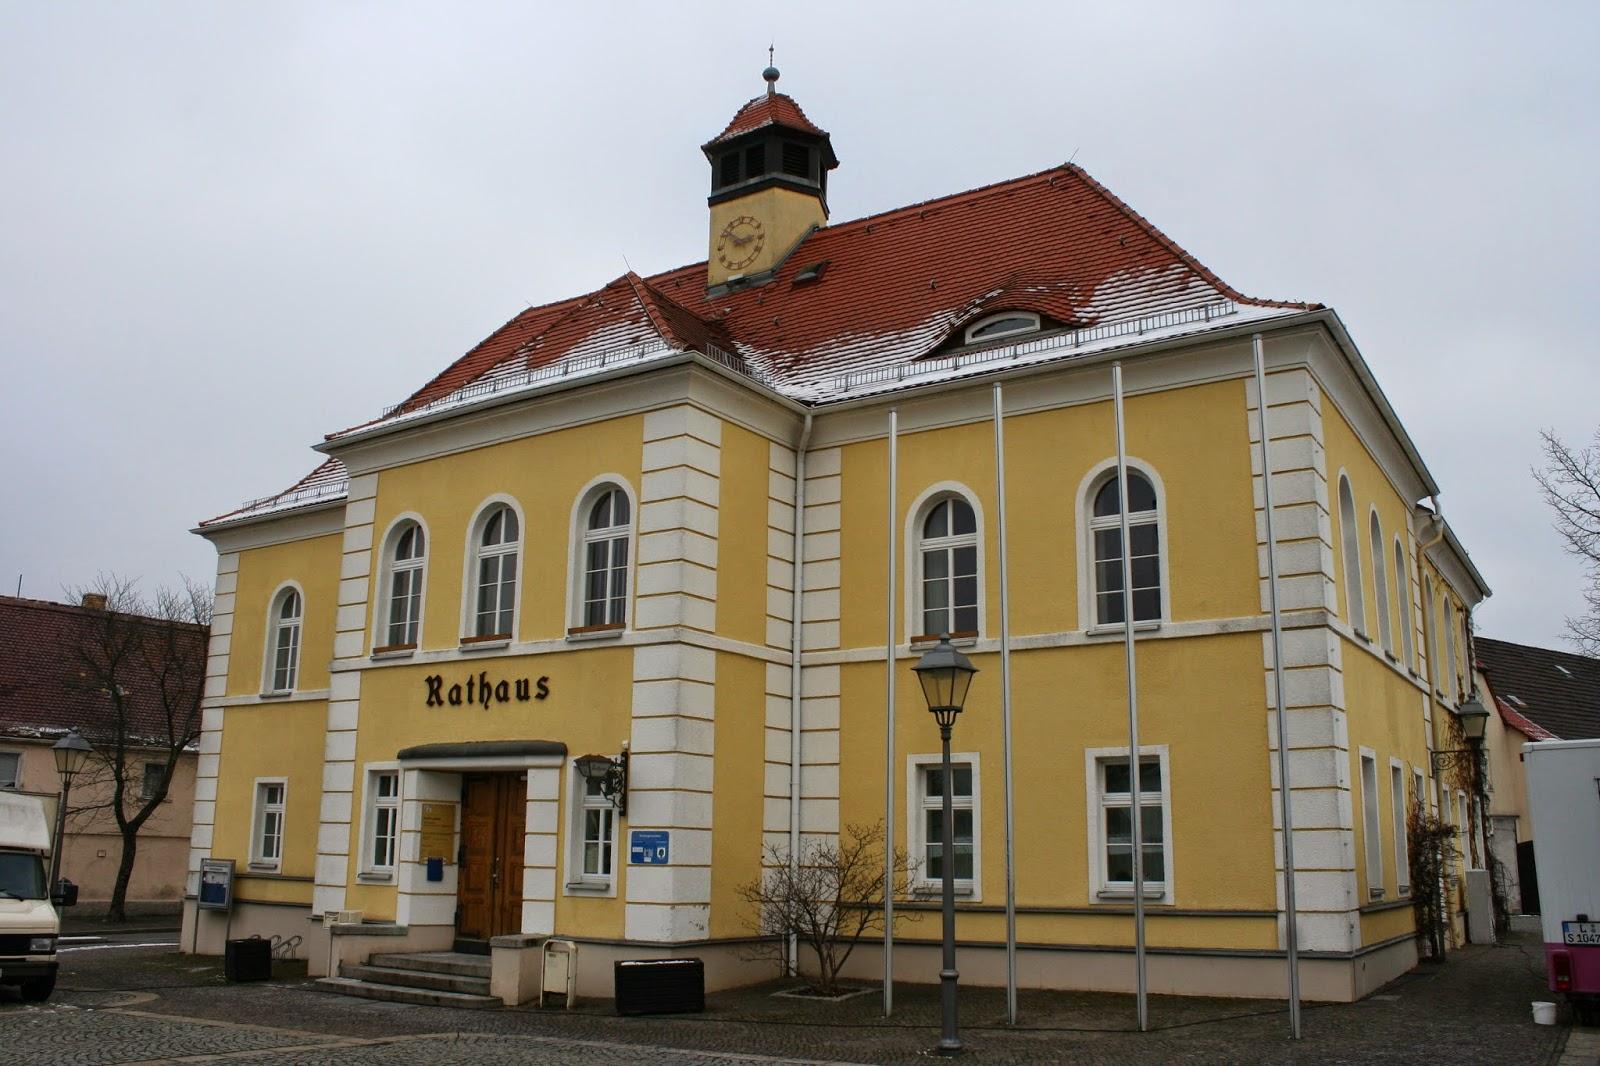 Das Rathaus Liebertwolkwitz am gleichnamigen Liebertwolkwitzer Markt 1 wurde um 1841 erbaut - das Bürgeramt des Stadtteils hat im Haus seinen Sitz